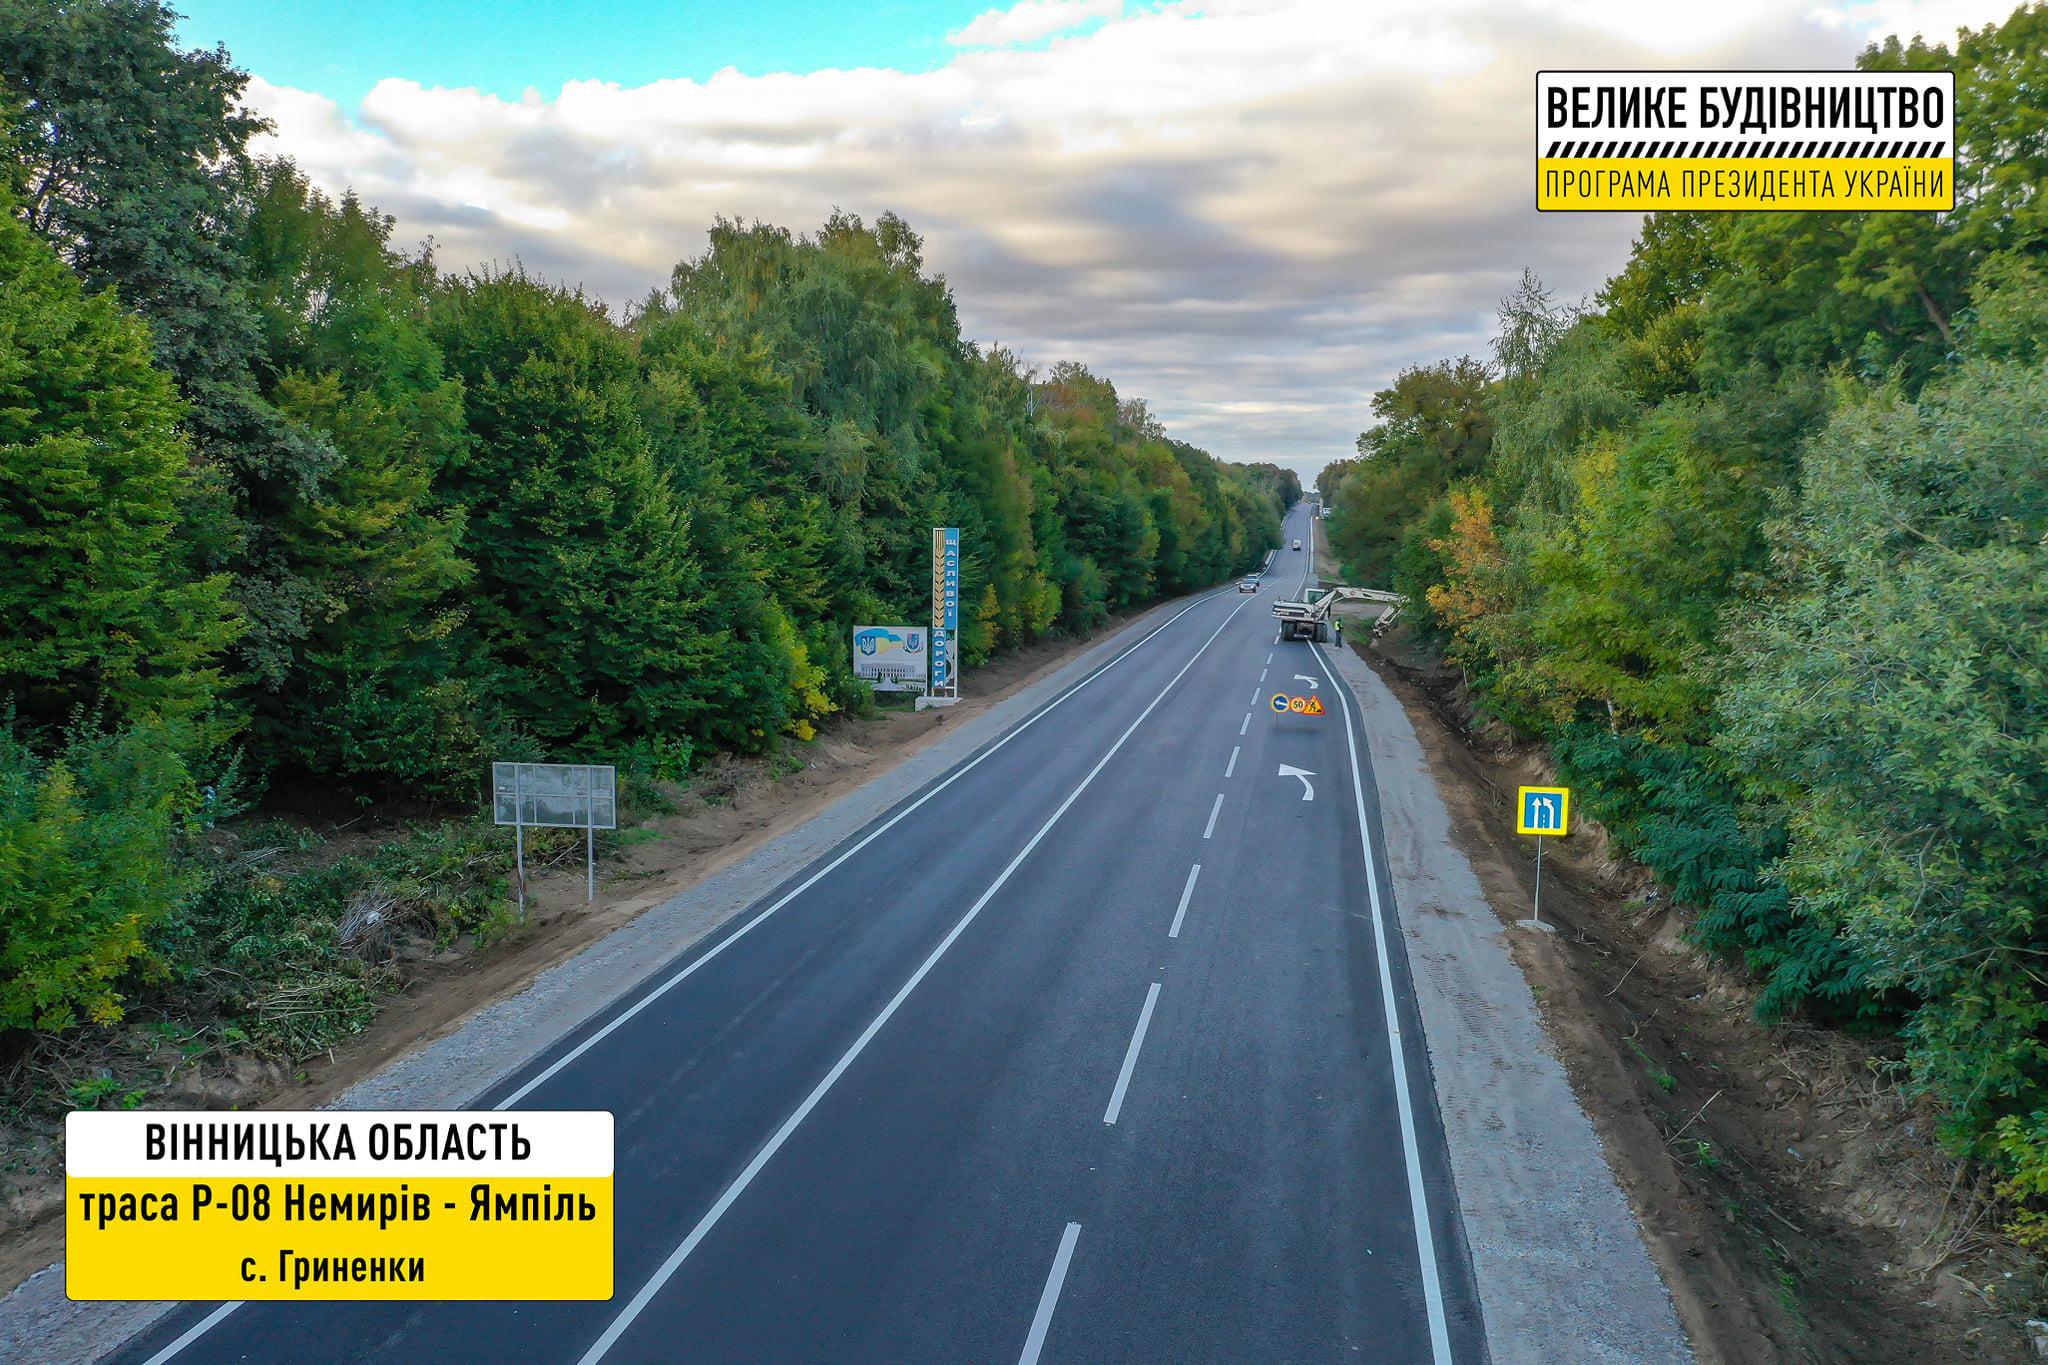 За 90 днів відремонтовано 116 км «Дороги президентів» Р-08 Немирів — Ямпіль, – Сергій Борзов